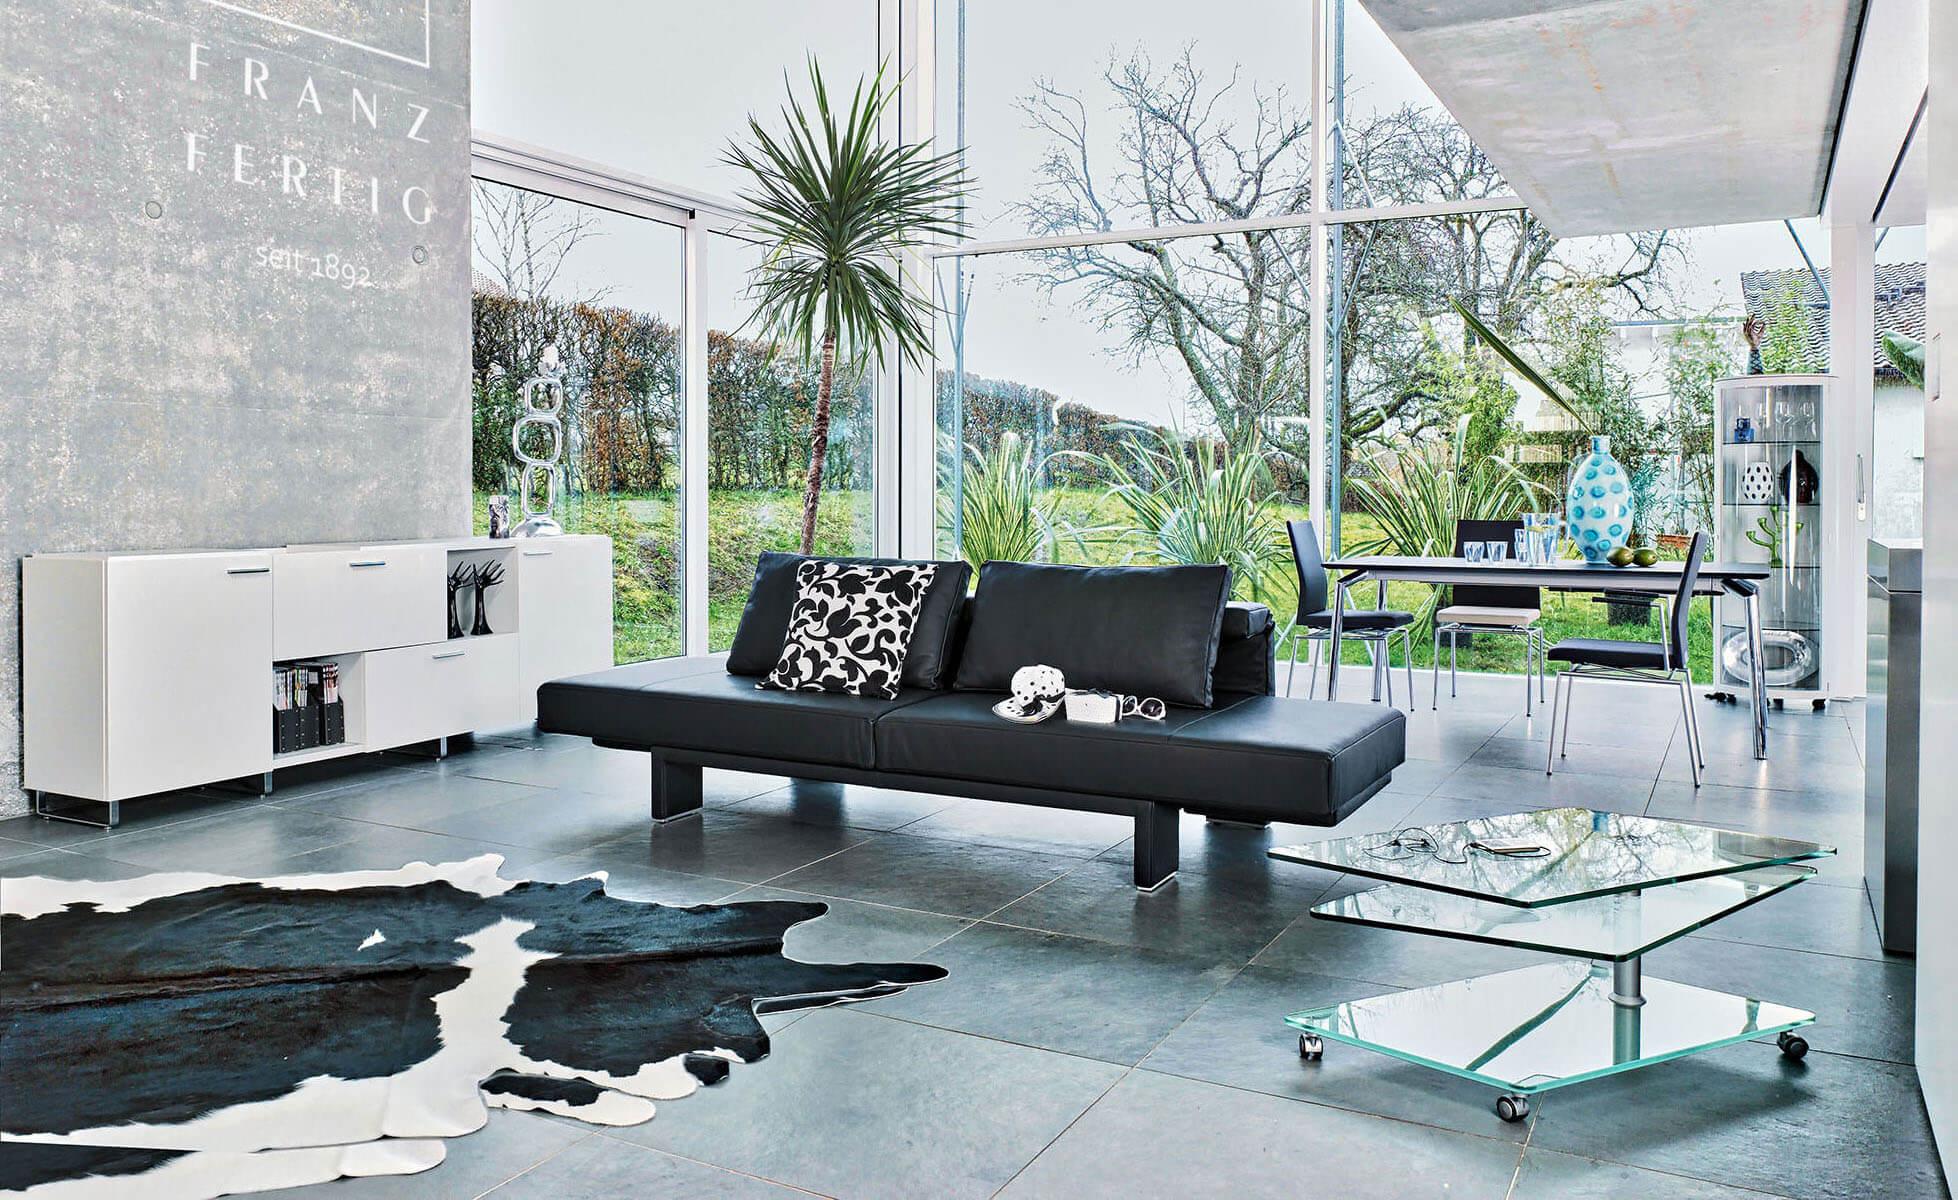 polsterm bel von franz fertig. Black Bedroom Furniture Sets. Home Design Ideas